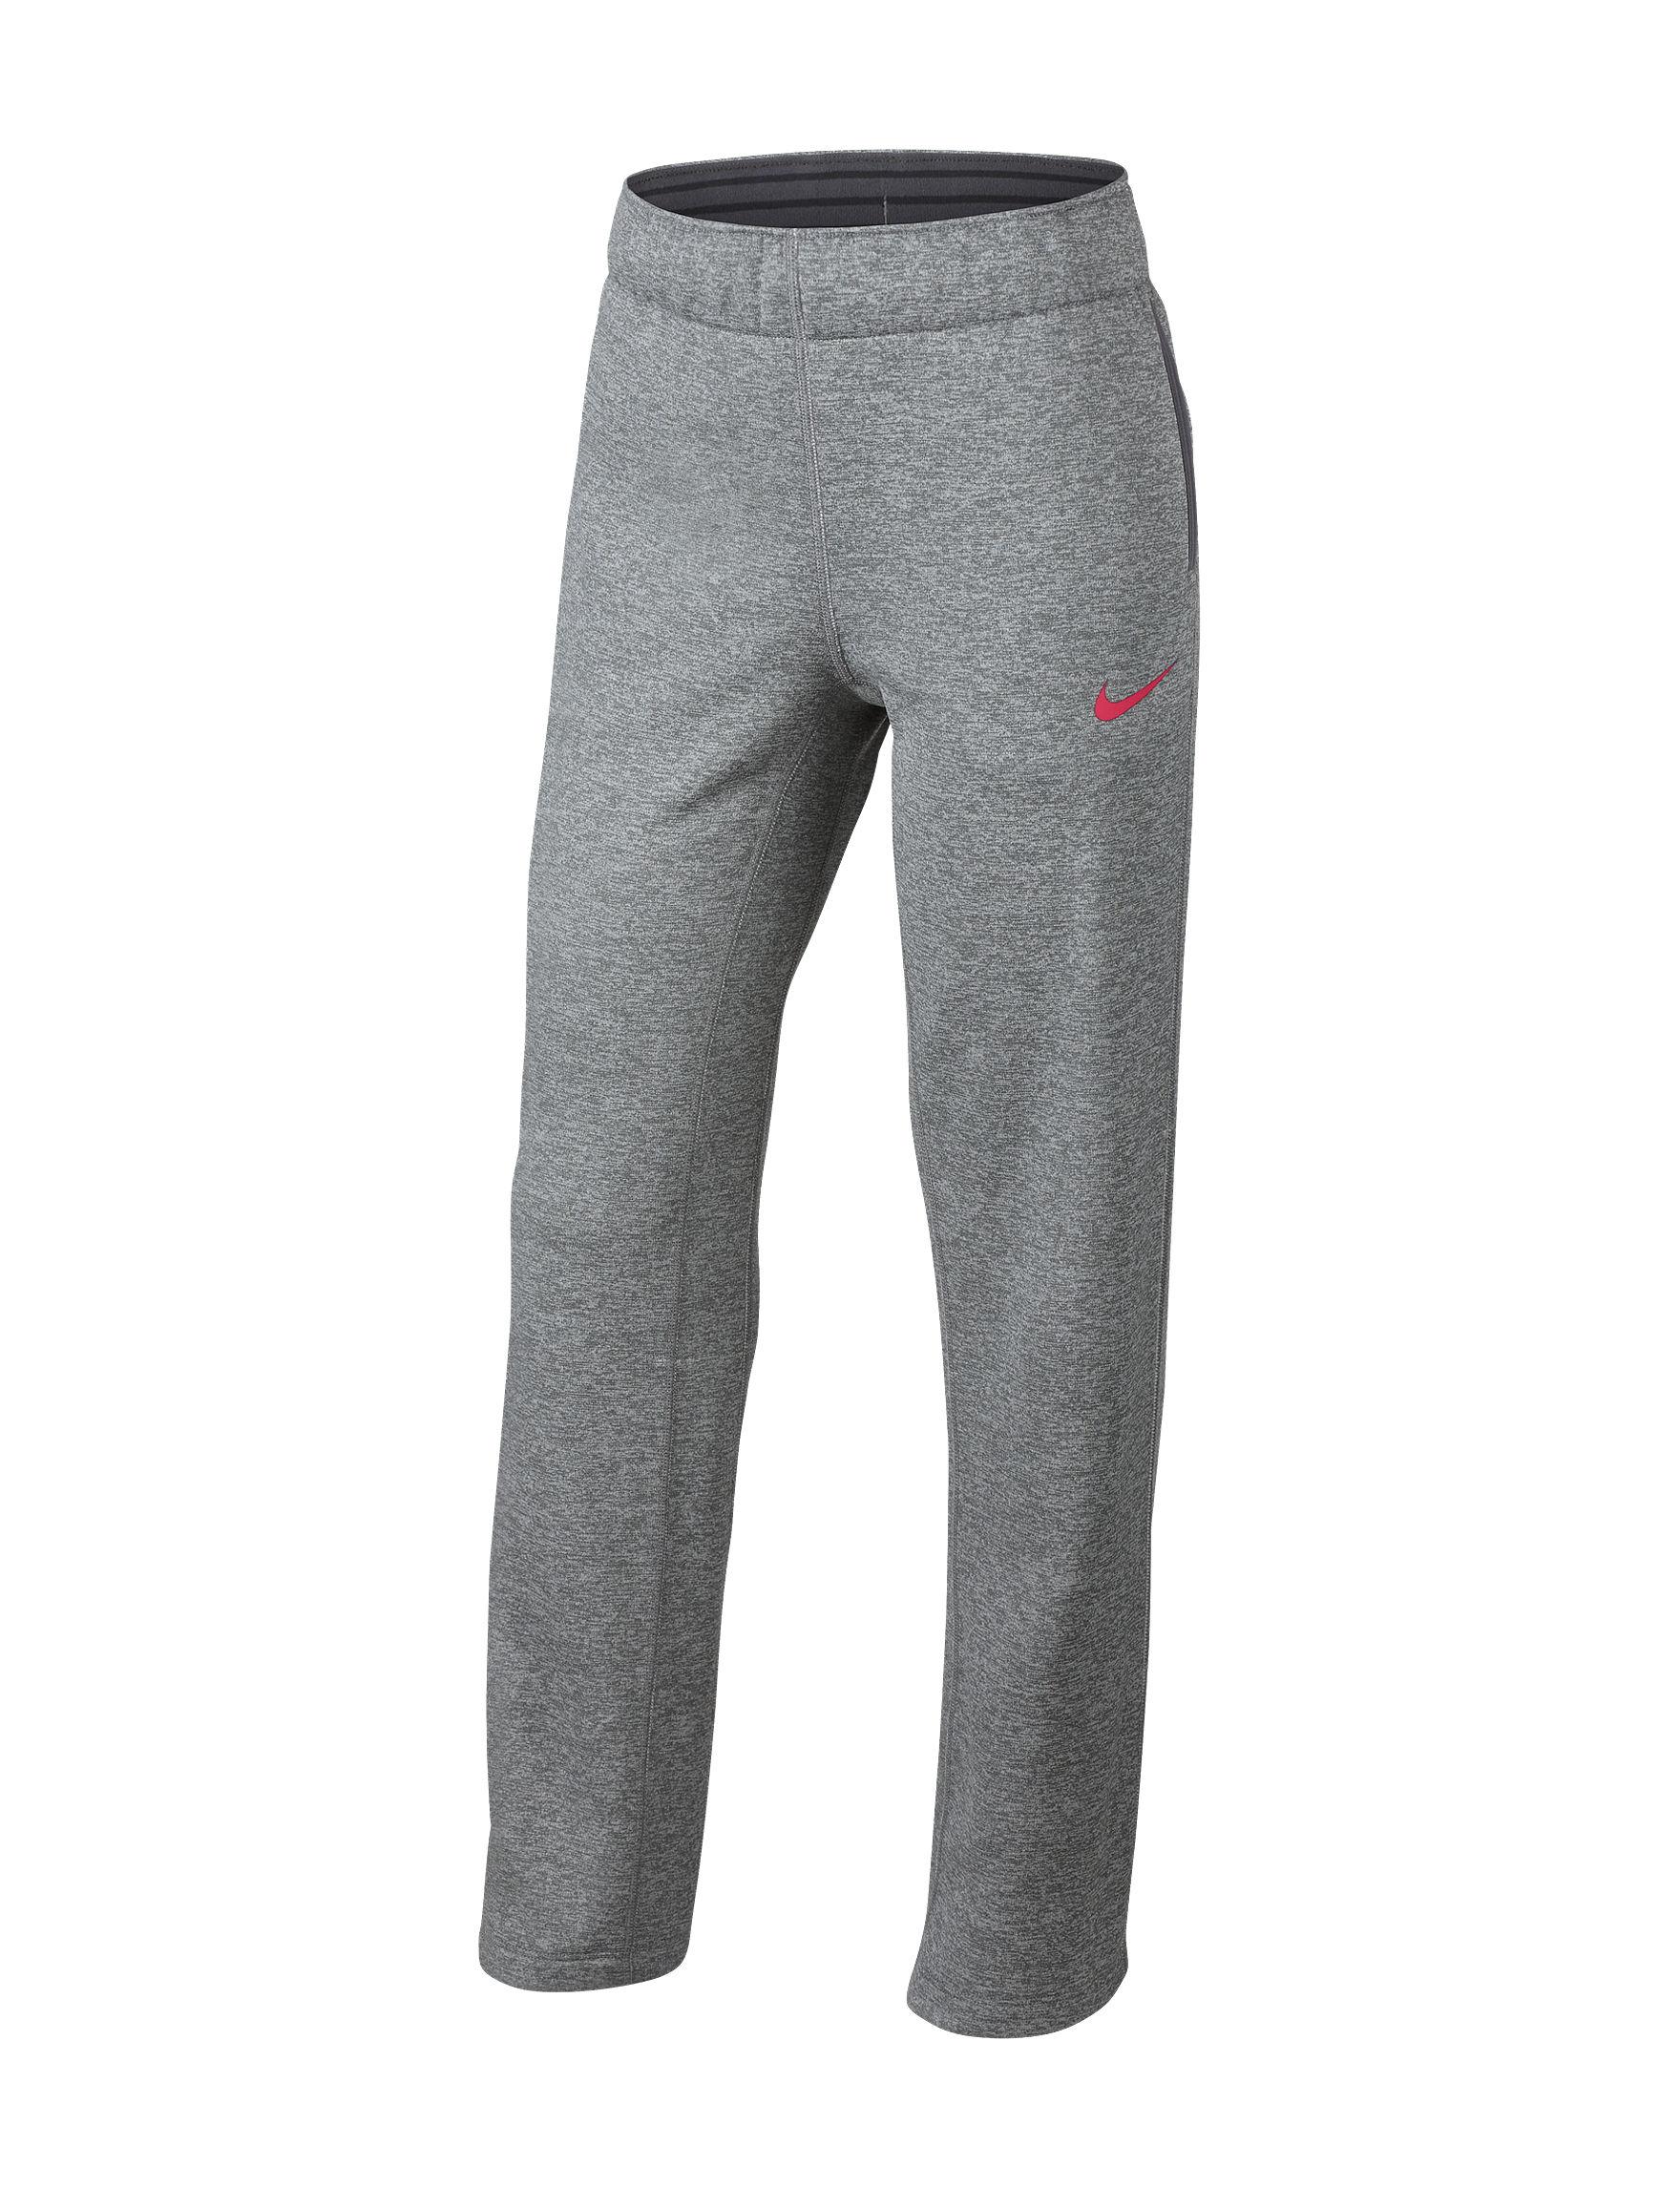 Nike Heather Grey Loose